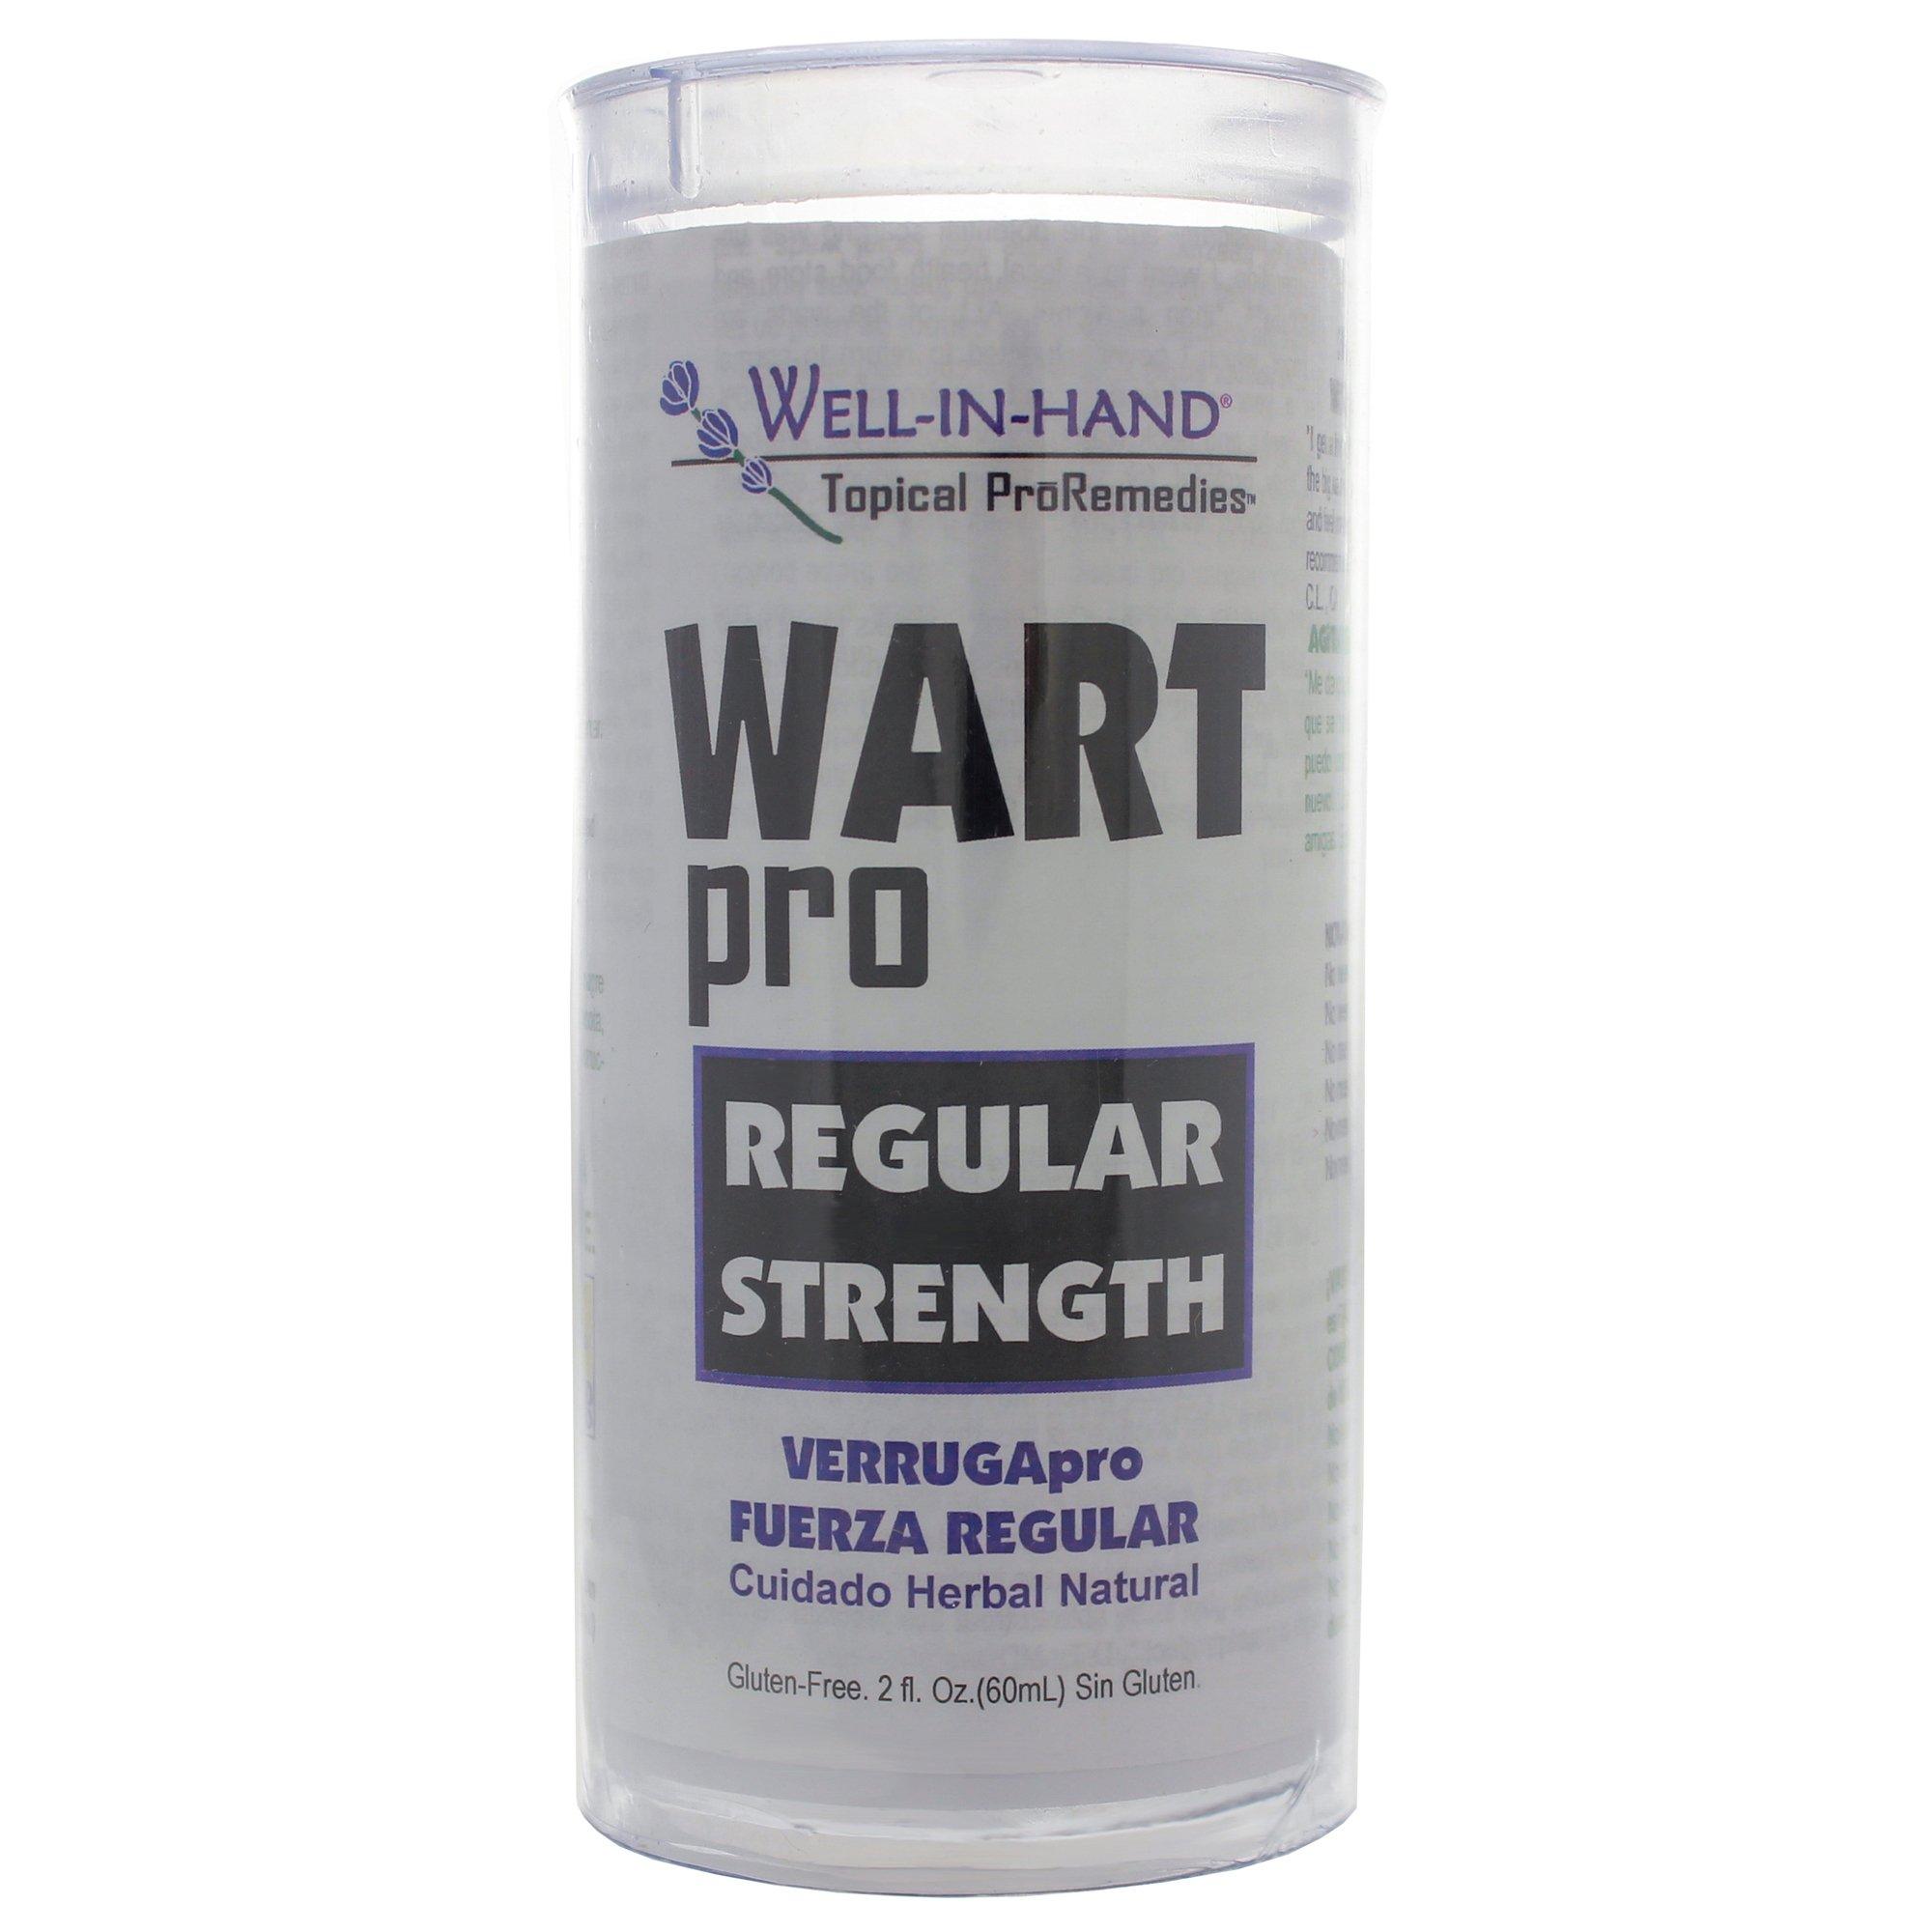 Wart Pro/Regular Strength 2 Ounces - Pack of 2